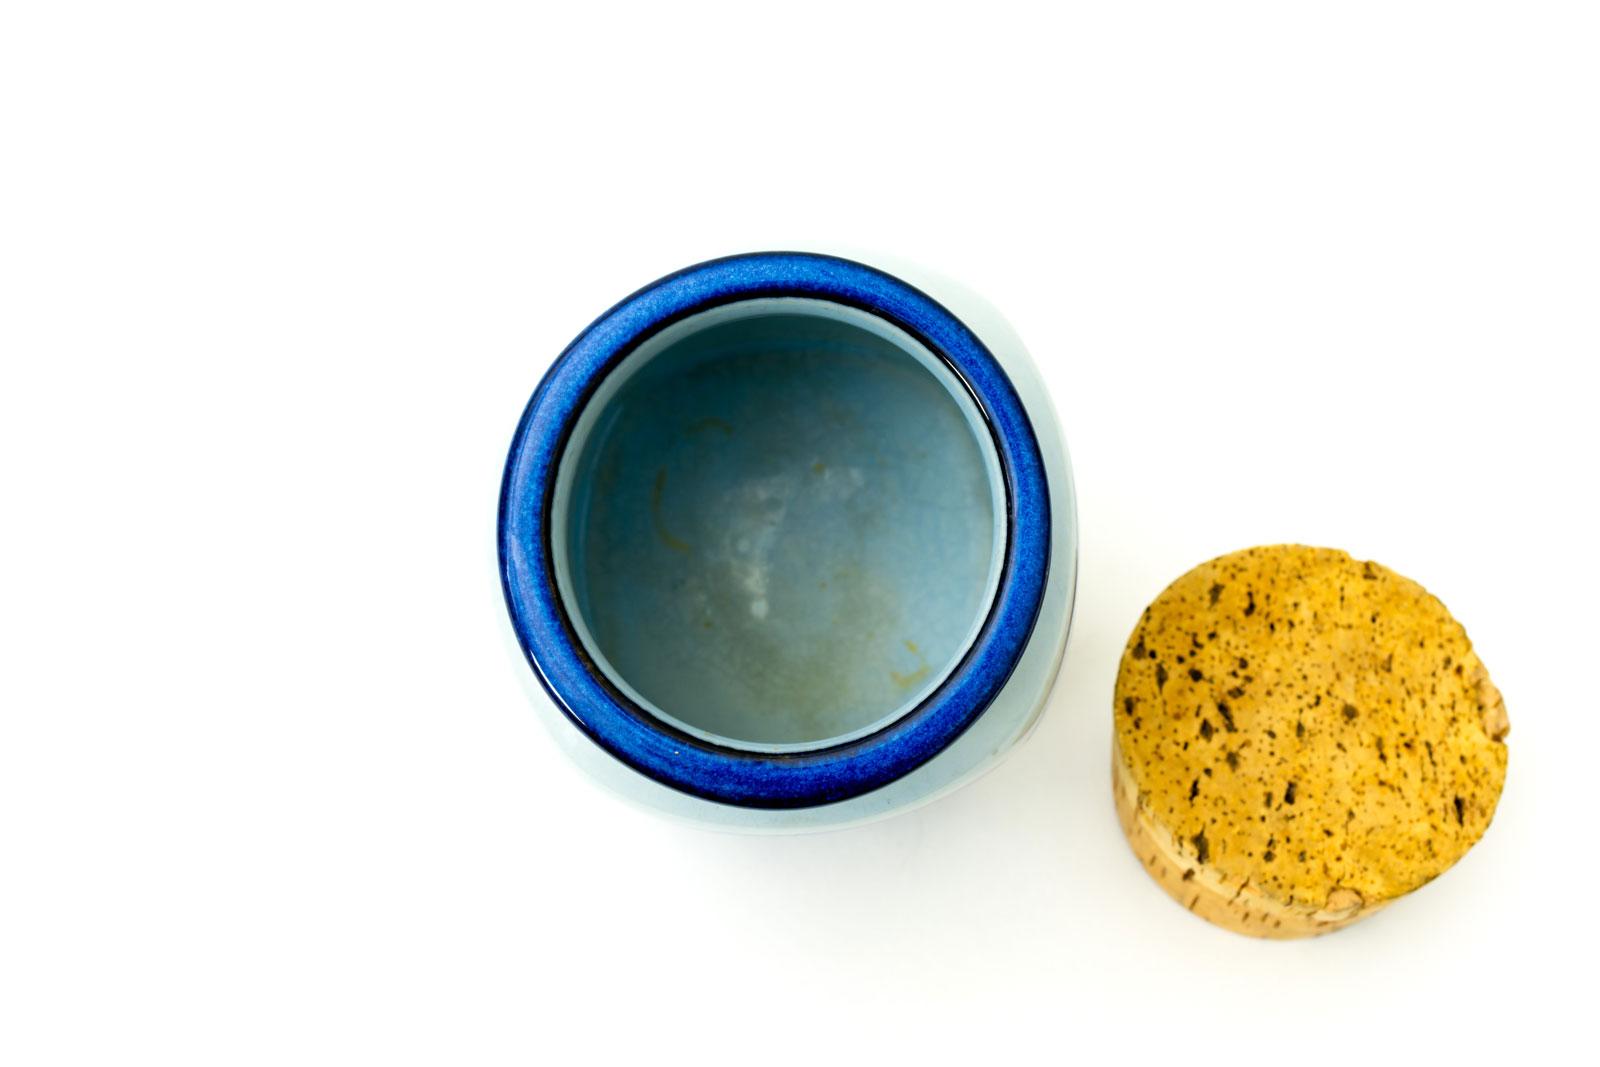 Pot designed by Inge-lise Koefoed